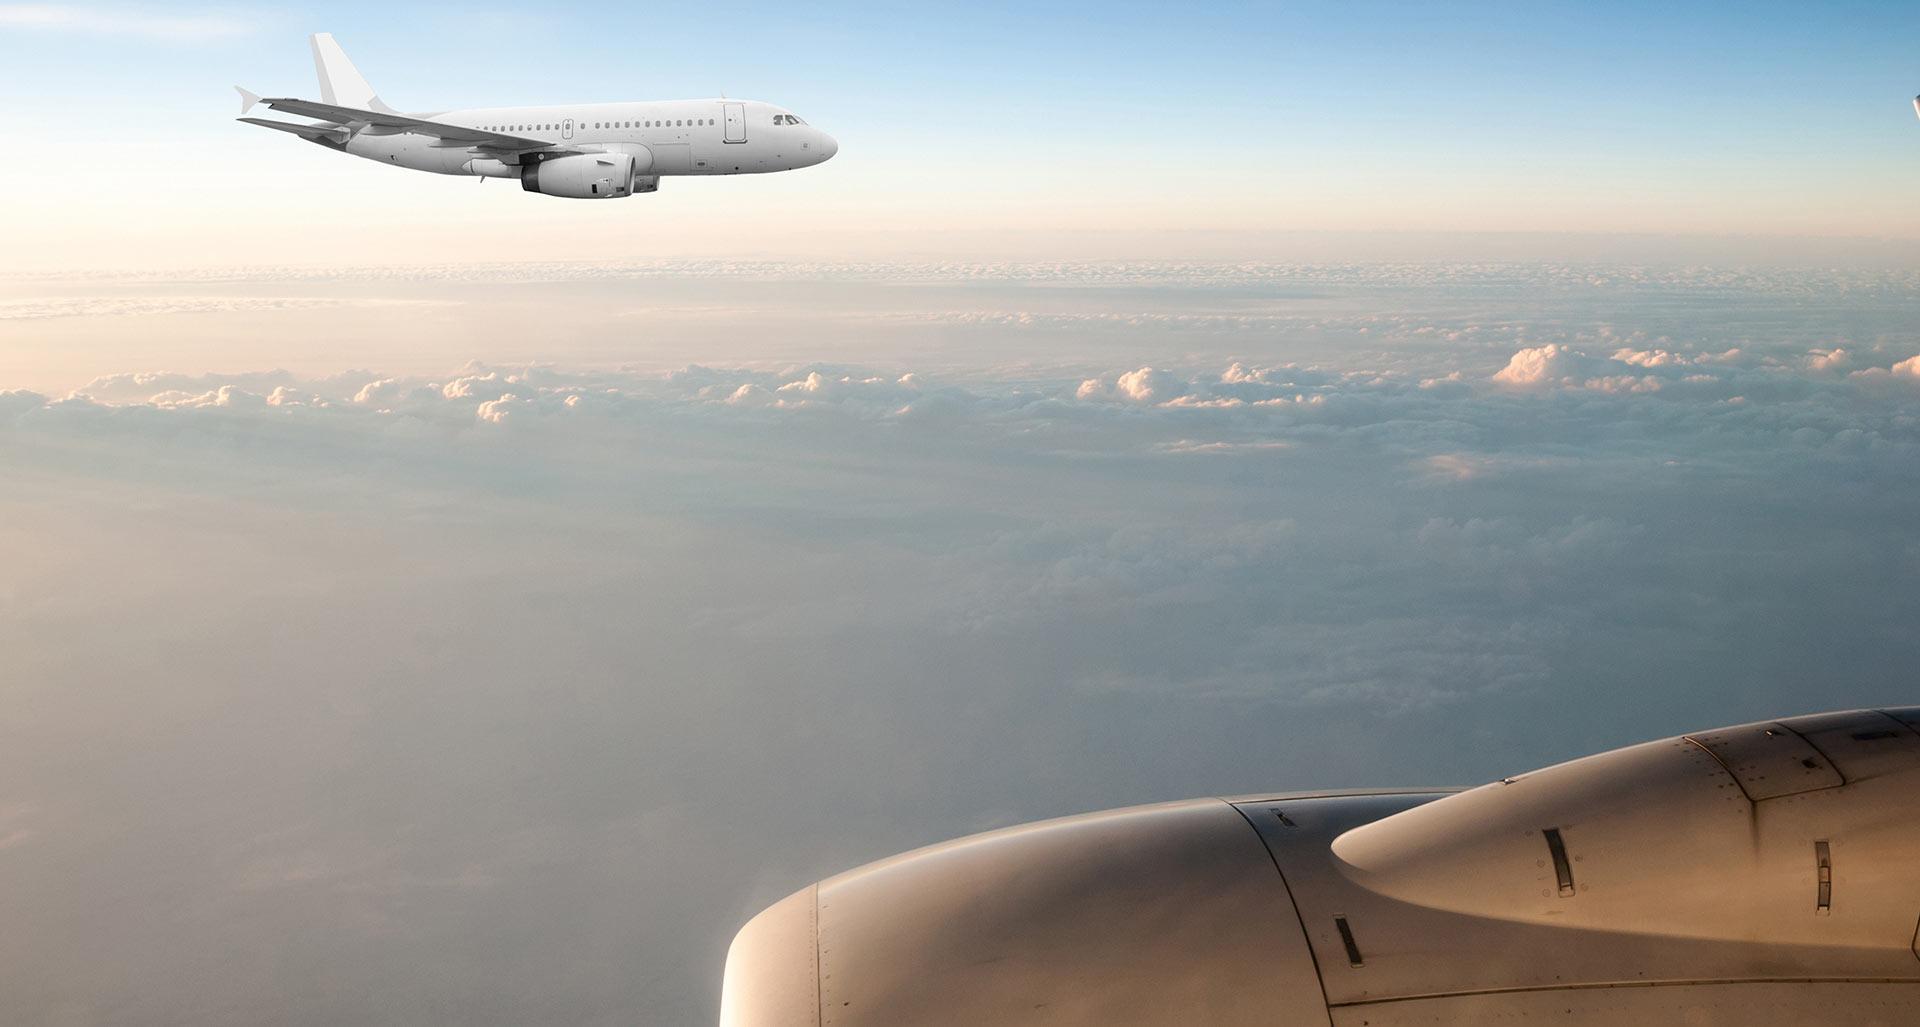 RAF AIR SHOW